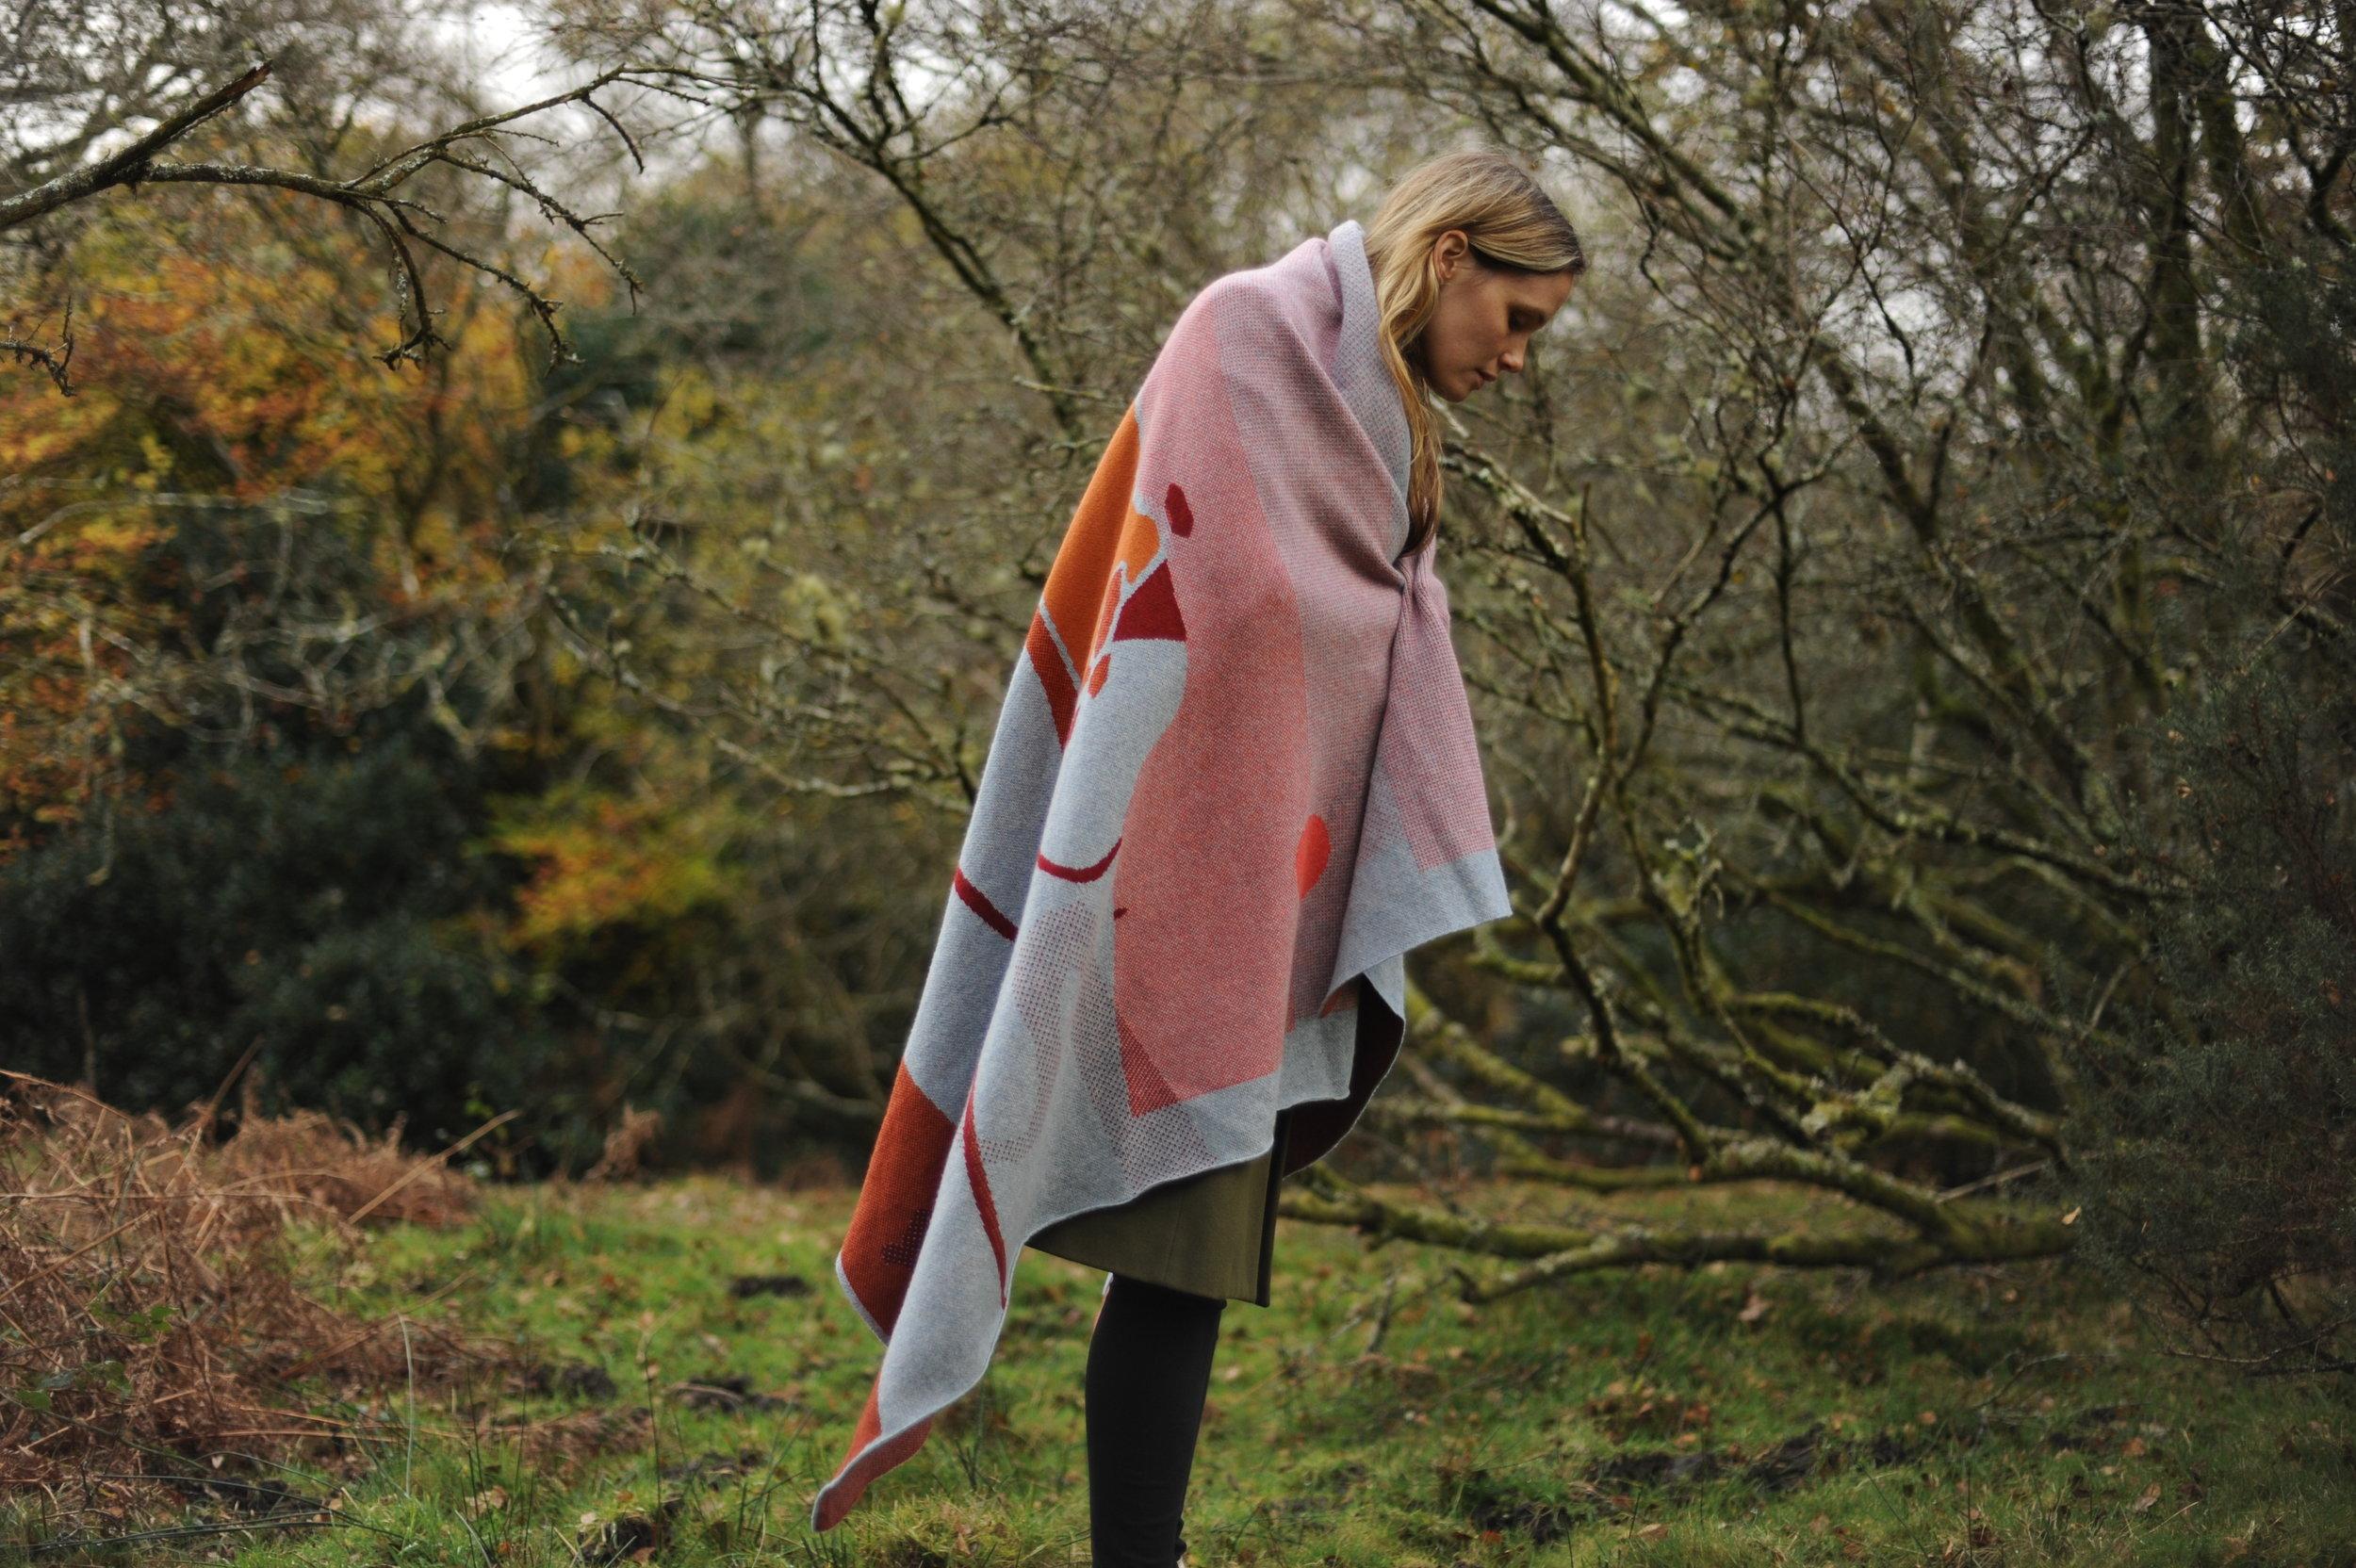 Feldspar textiles, Zoe with russet moor blanket